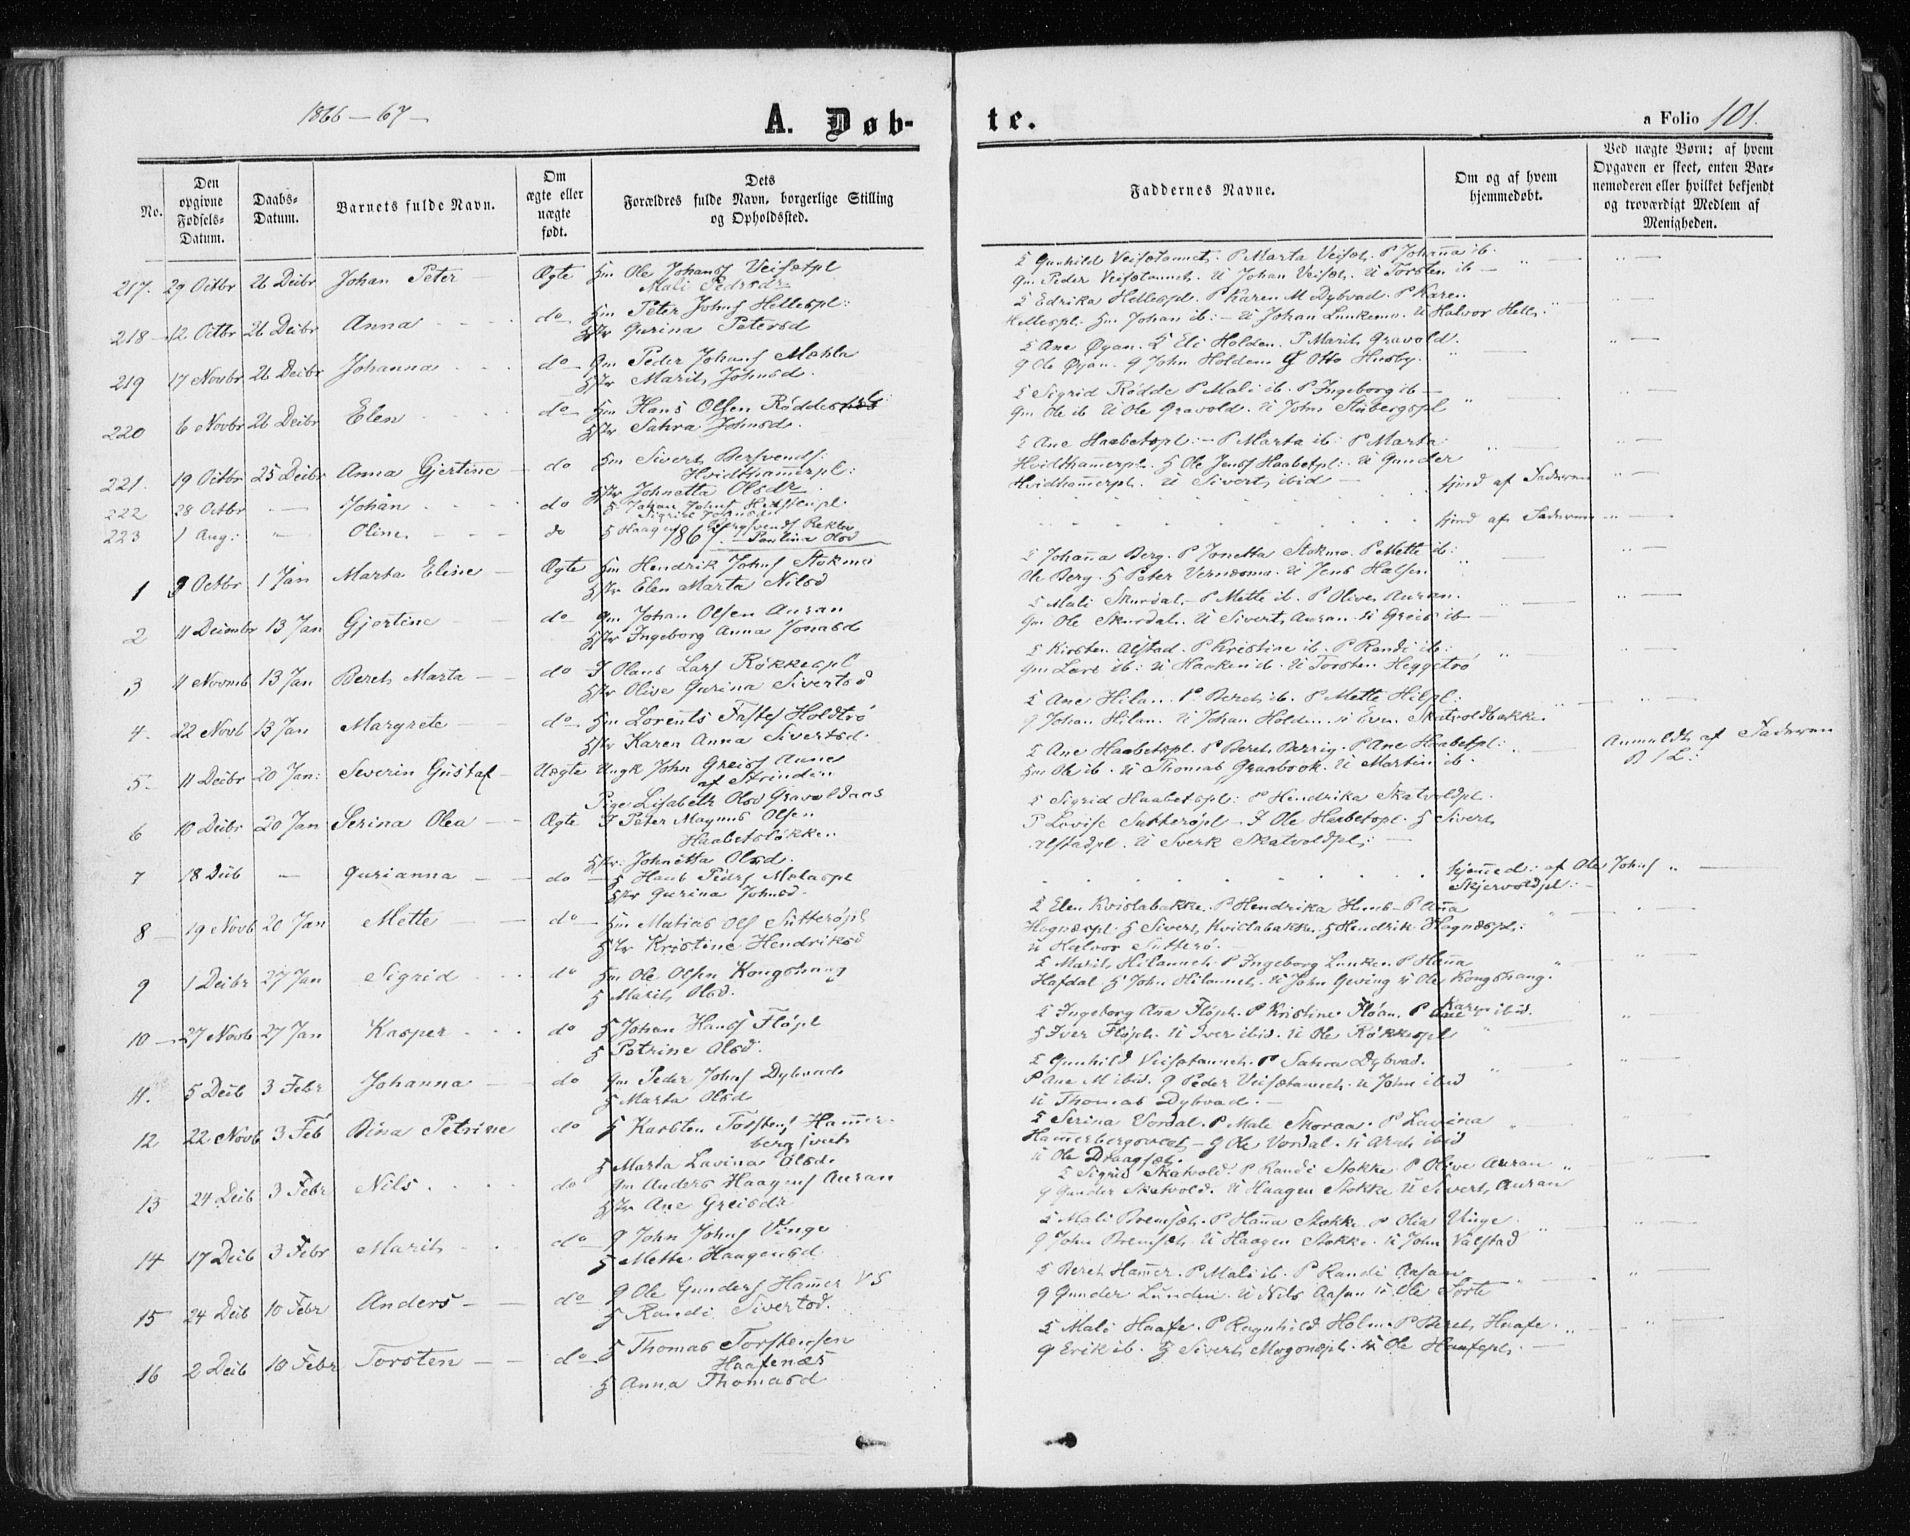 SAT, Ministerialprotokoller, klokkerbøker og fødselsregistre - Nord-Trøndelag, 709/L0075: Ministerialbok nr. 709A15, 1859-1870, s. 101